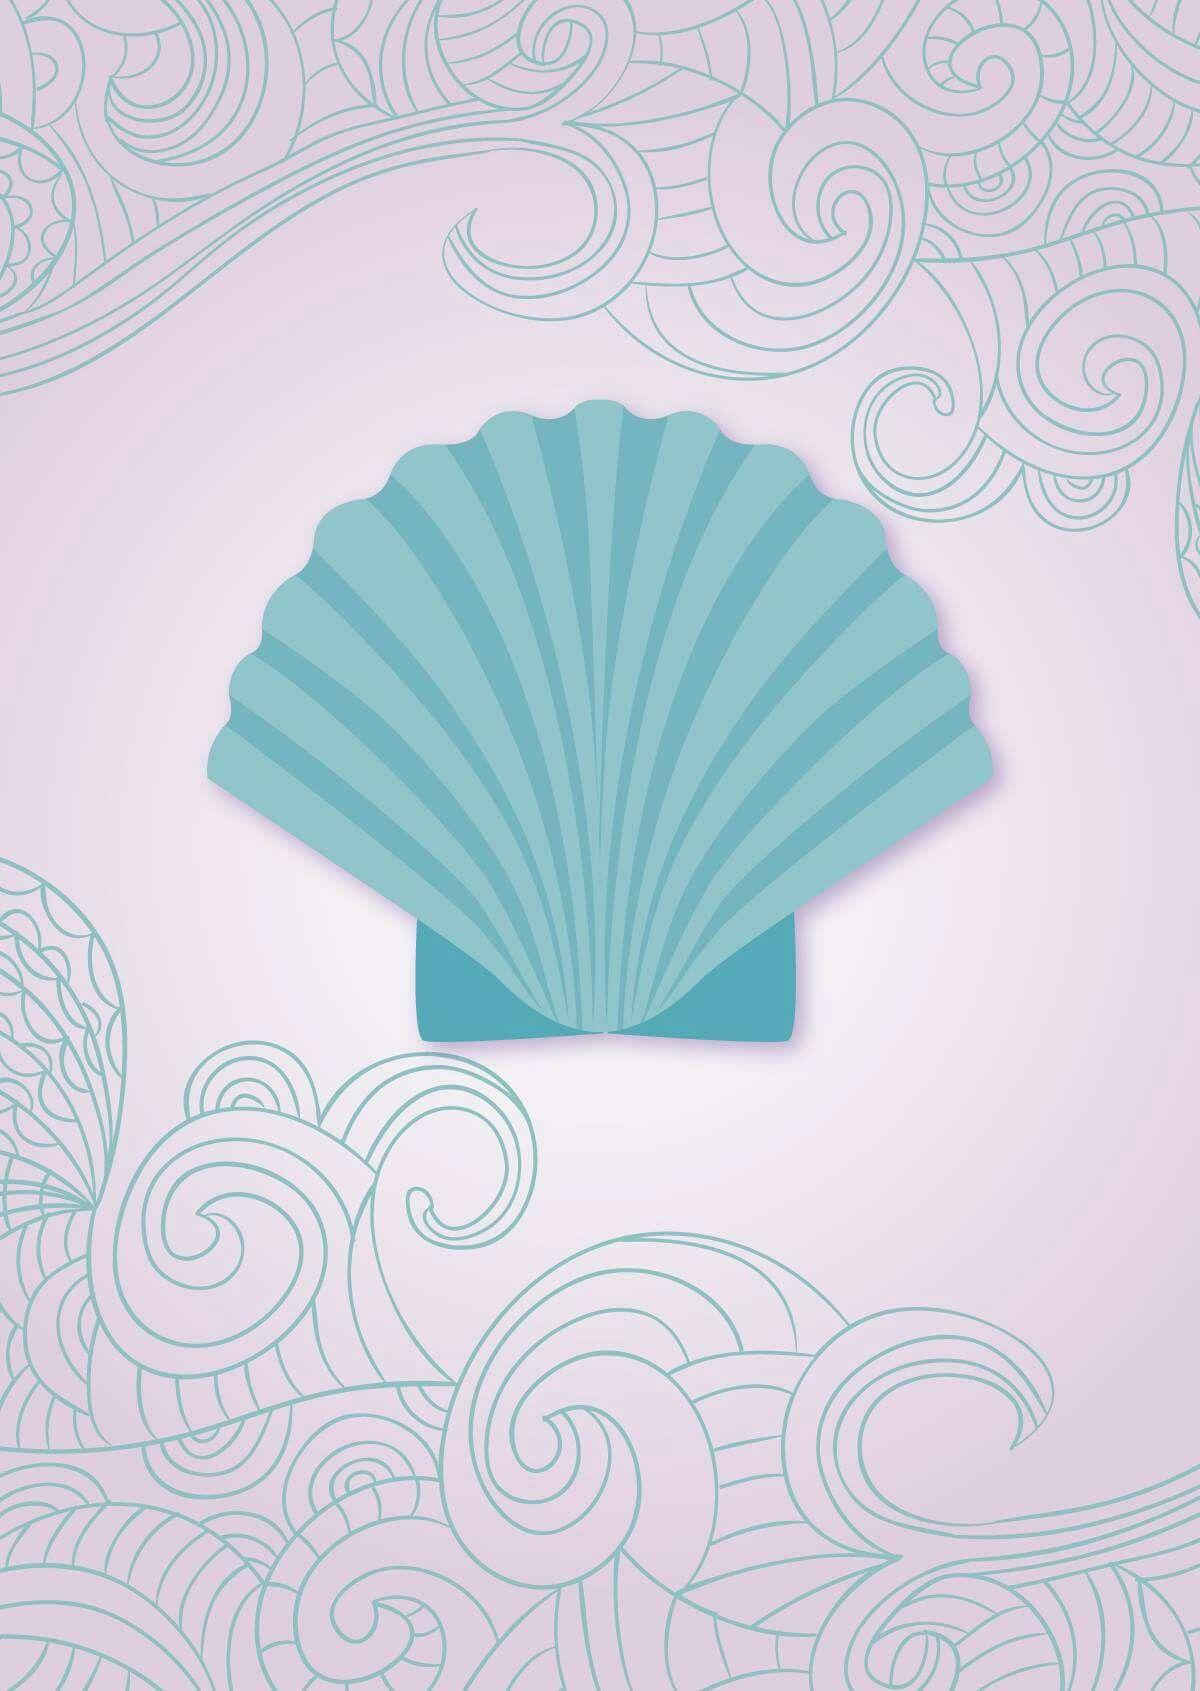 seashell shell mermaid sereismo wallpaper